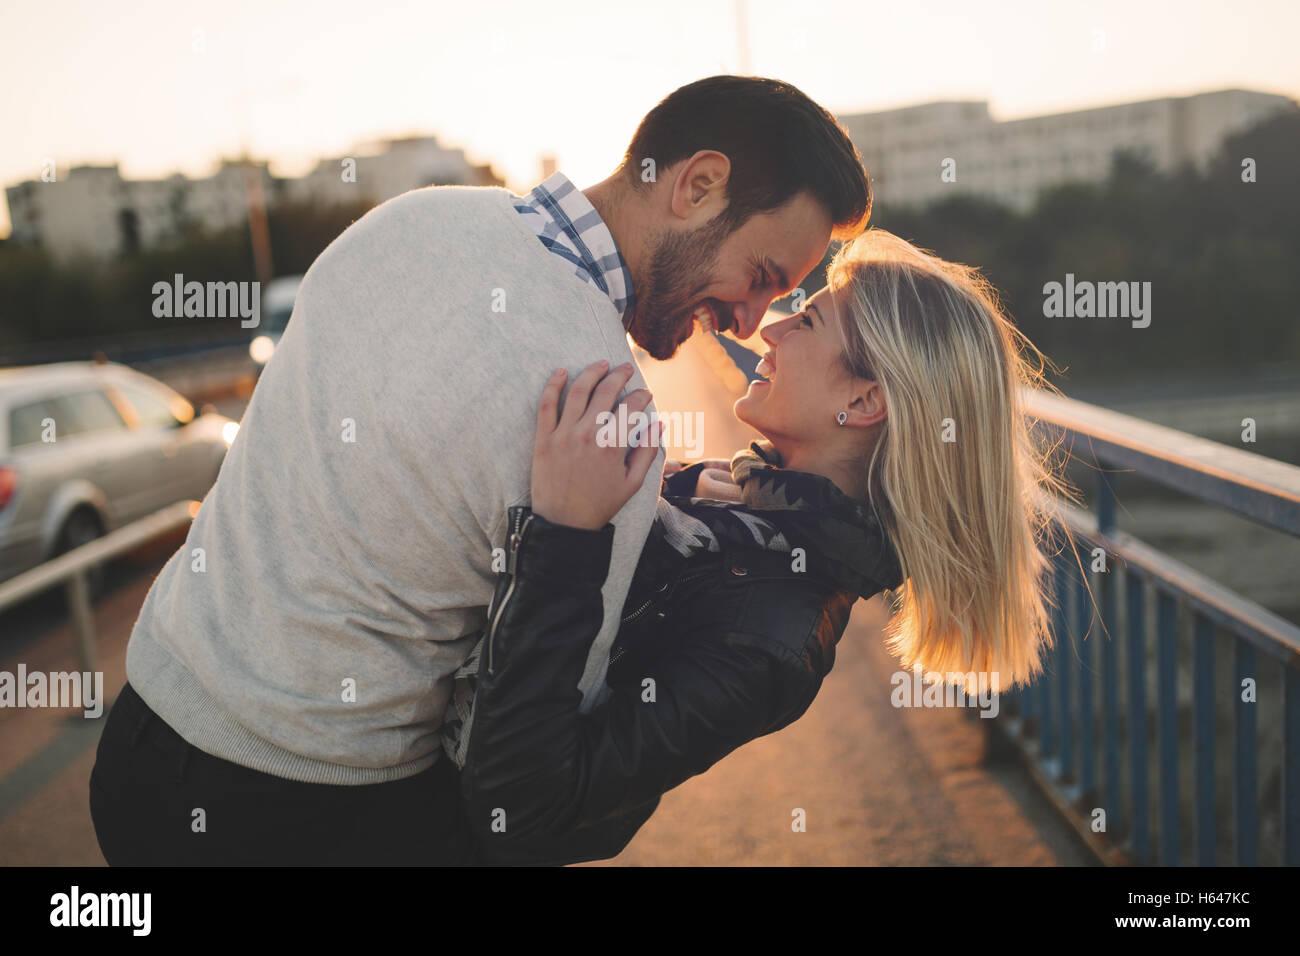 Coppia romantica in amore godersi il tramonto e baciare Immagini Stock